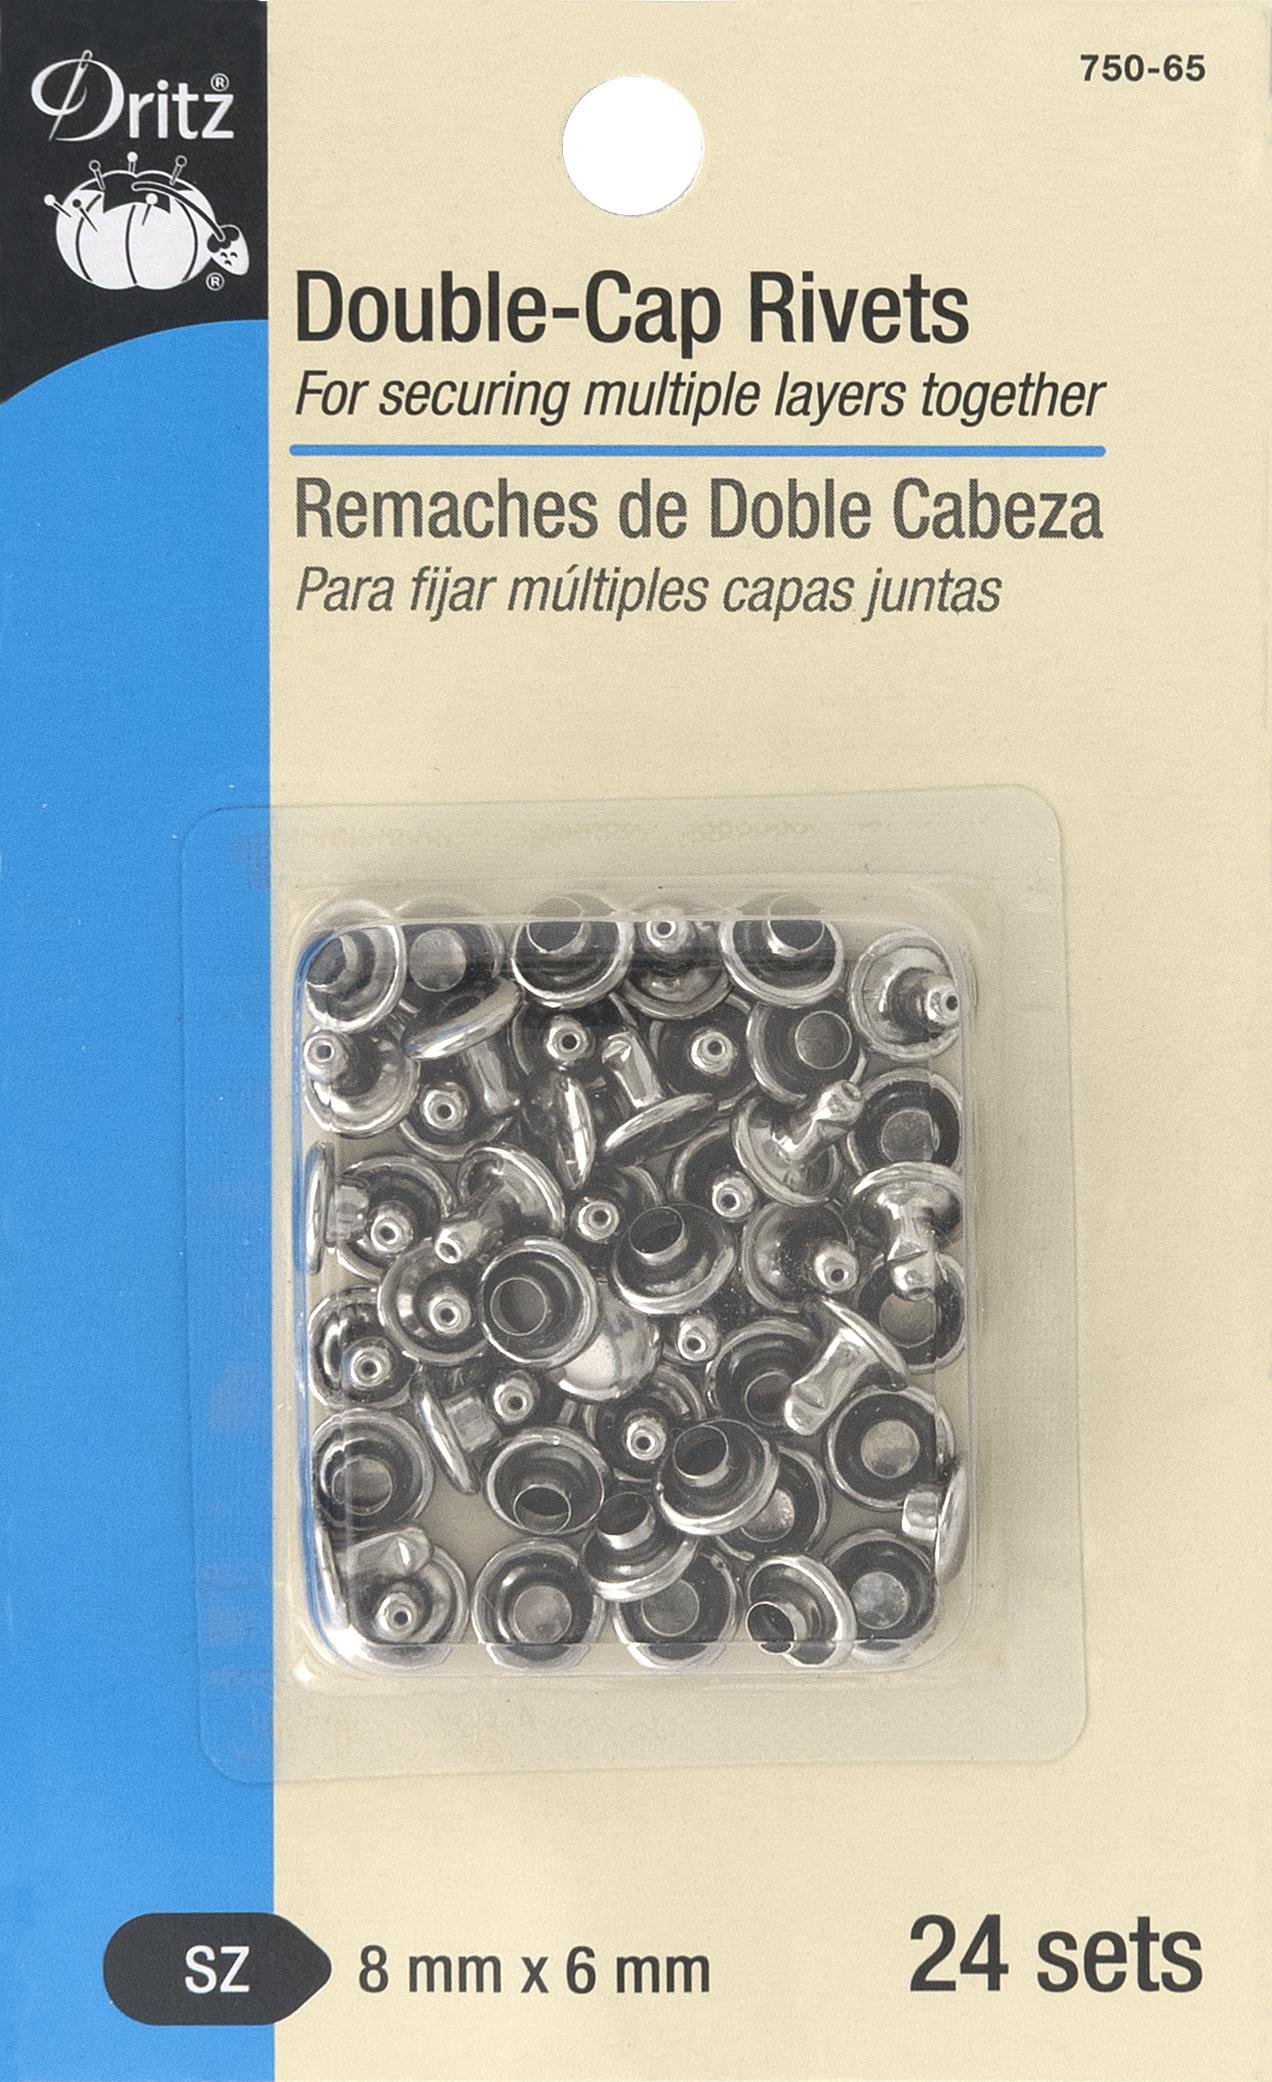 DRITZ Double-Cap Rivets Nickel-750-65